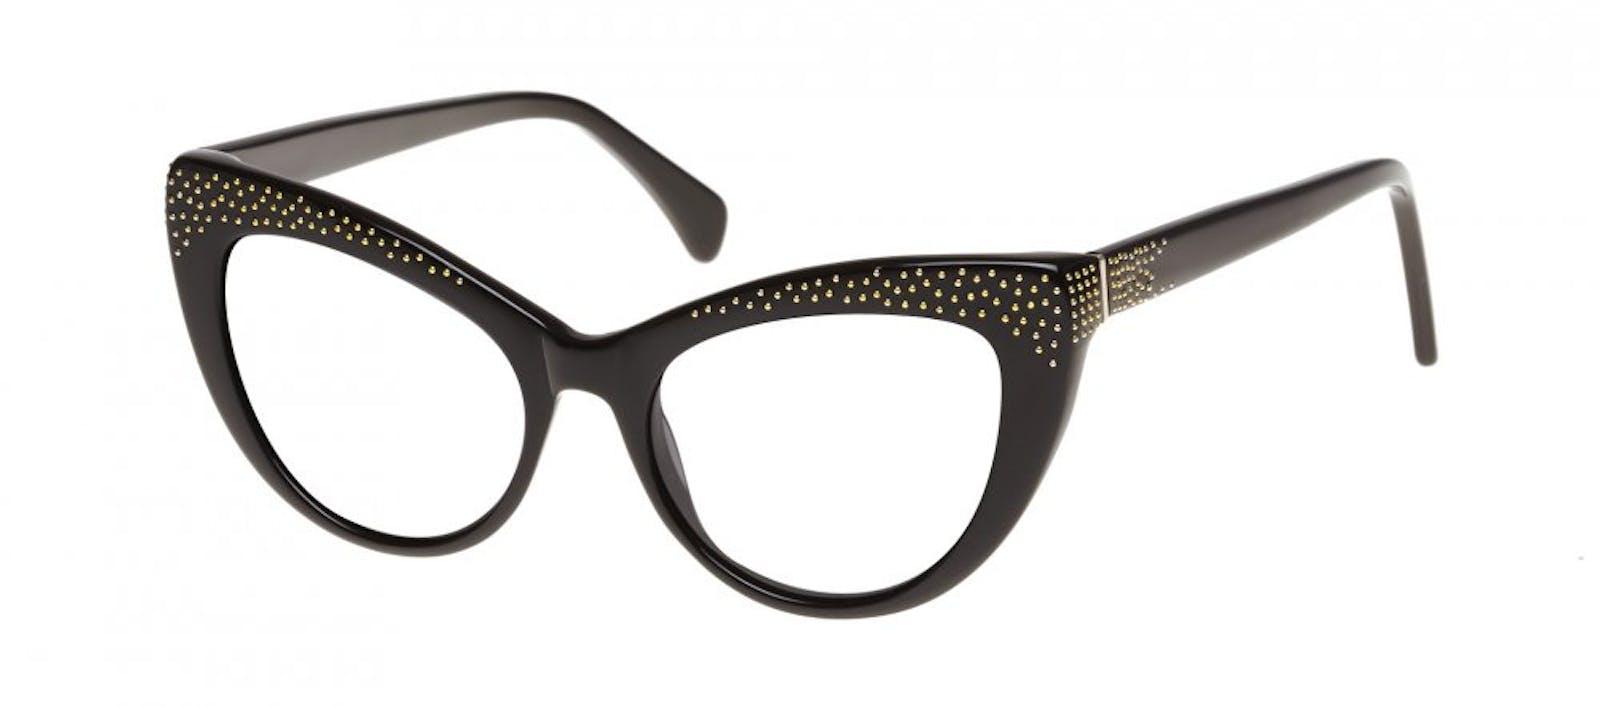 Lunettes tendance Oeil de chat Daring Cateye Lunettes de vue Femmes Keiko  Roxy Noir Incliné da00c49a98cd